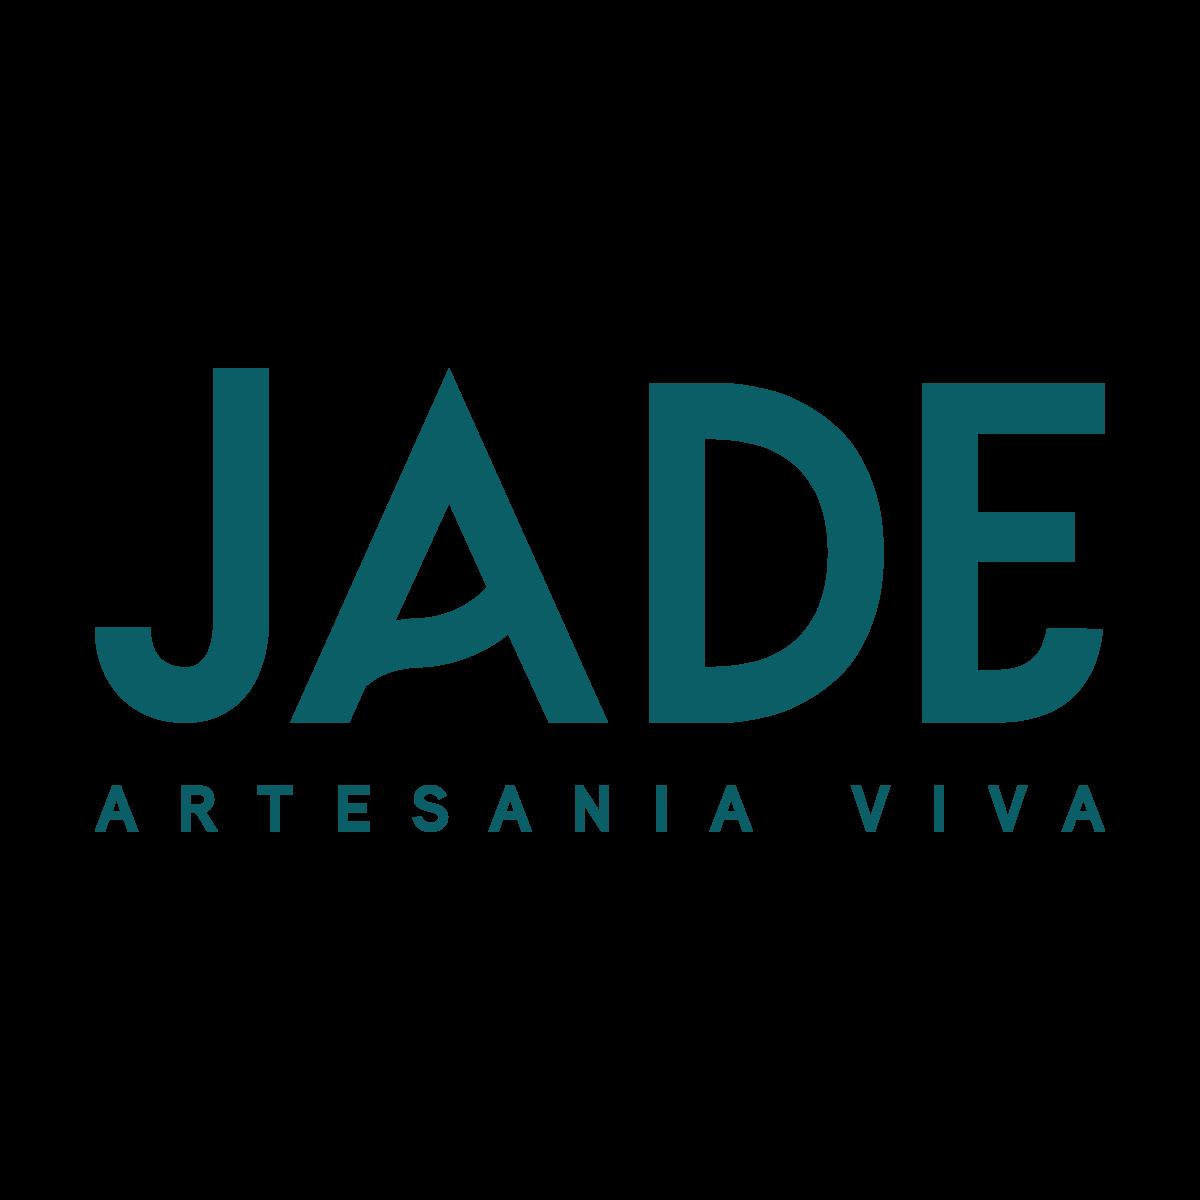 jade-artesania-viva